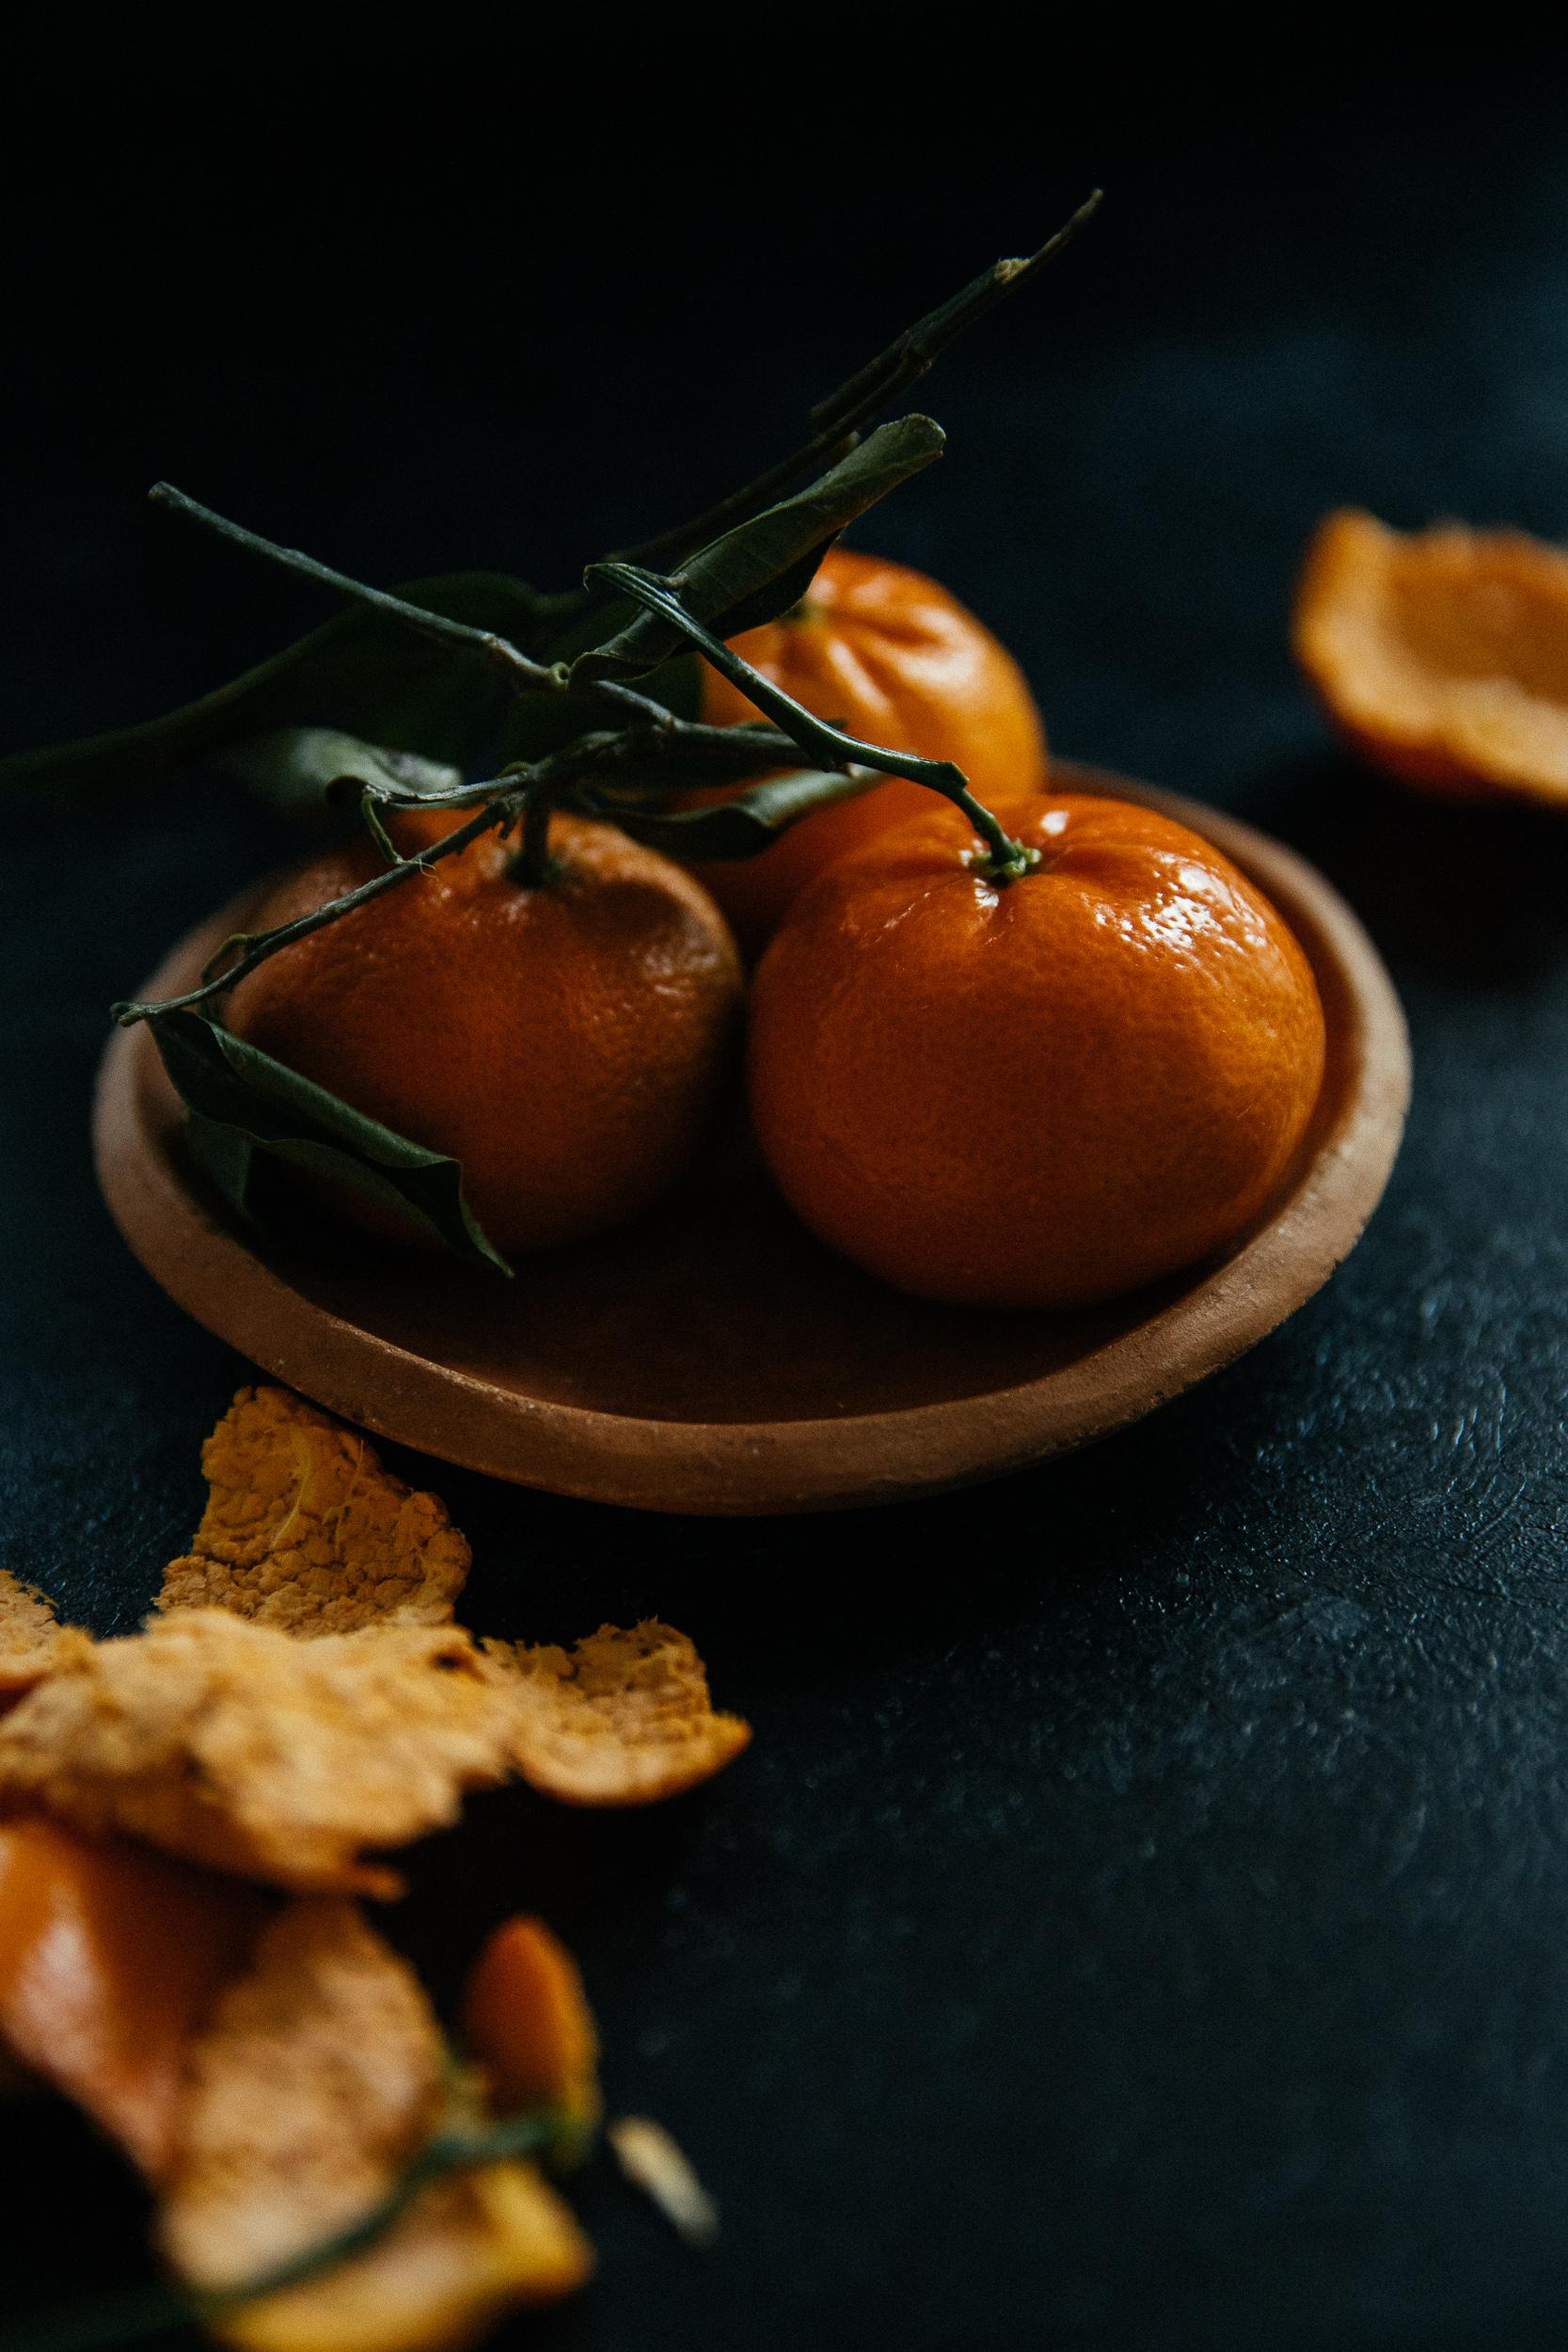 Food Photography Angles